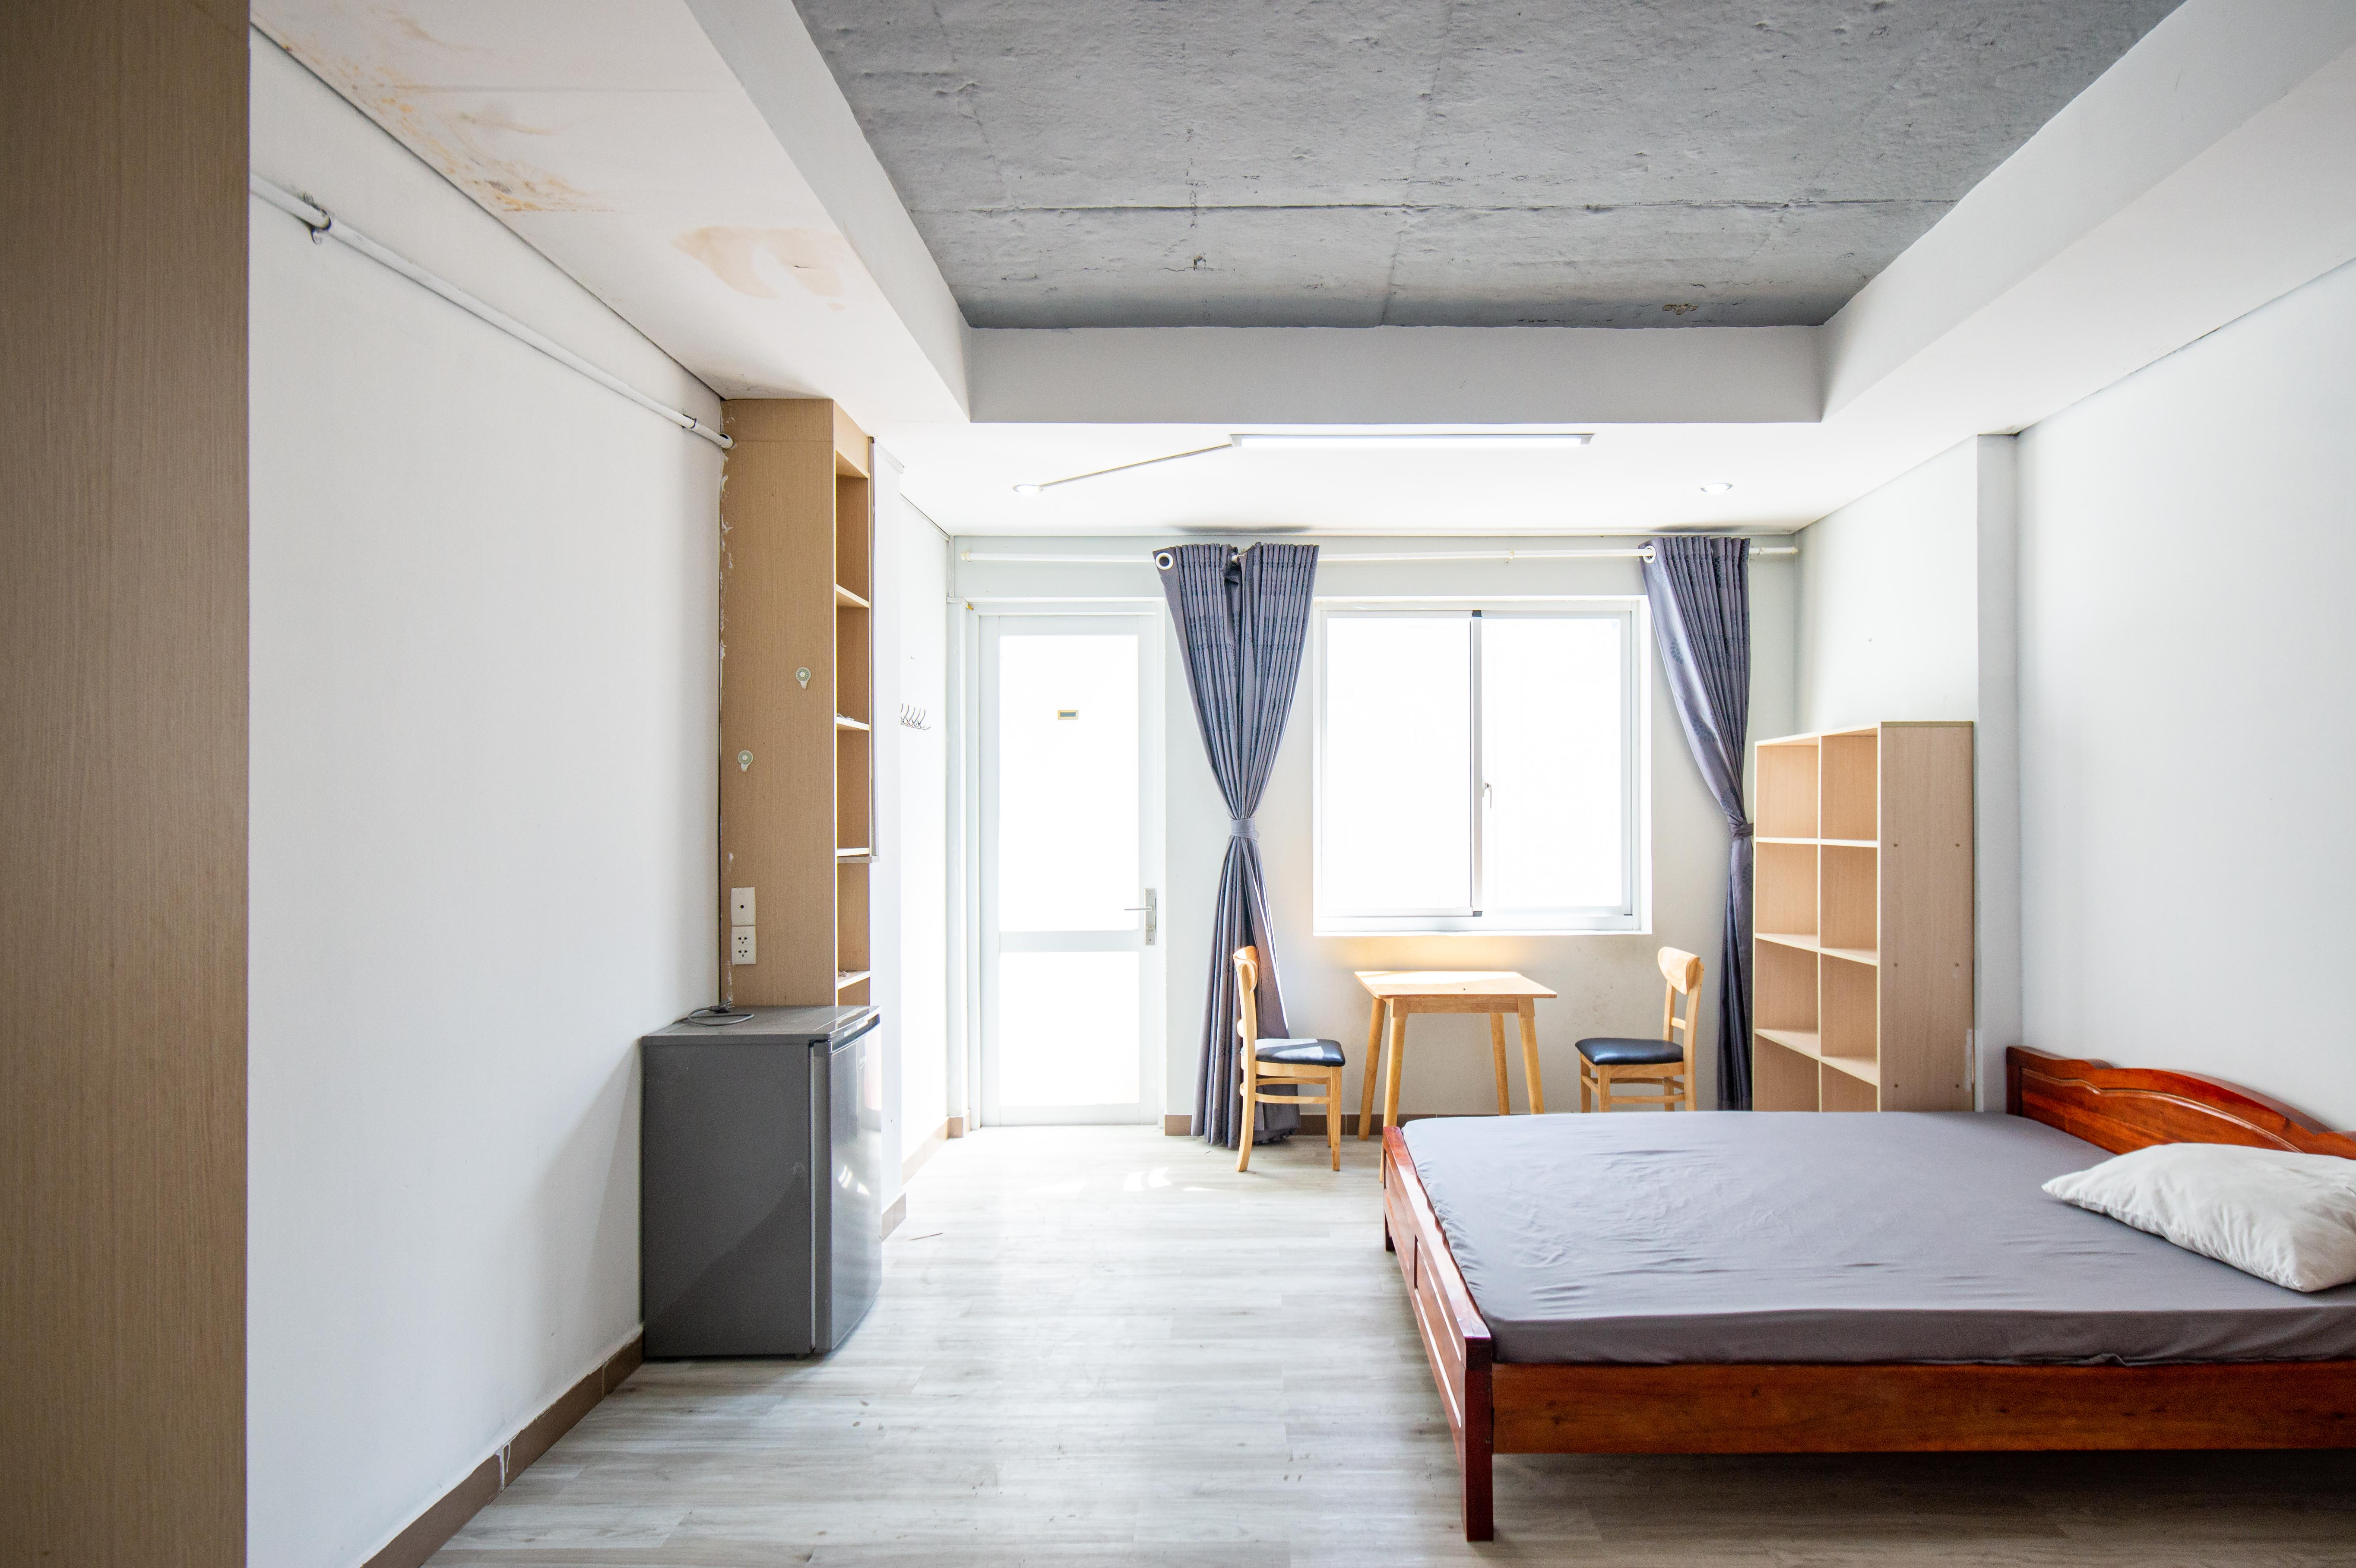 Cho Thuê Căn hộ 1 PN Lê Văn Sỹ Apartment - Nội Thất Trag Nhã -3